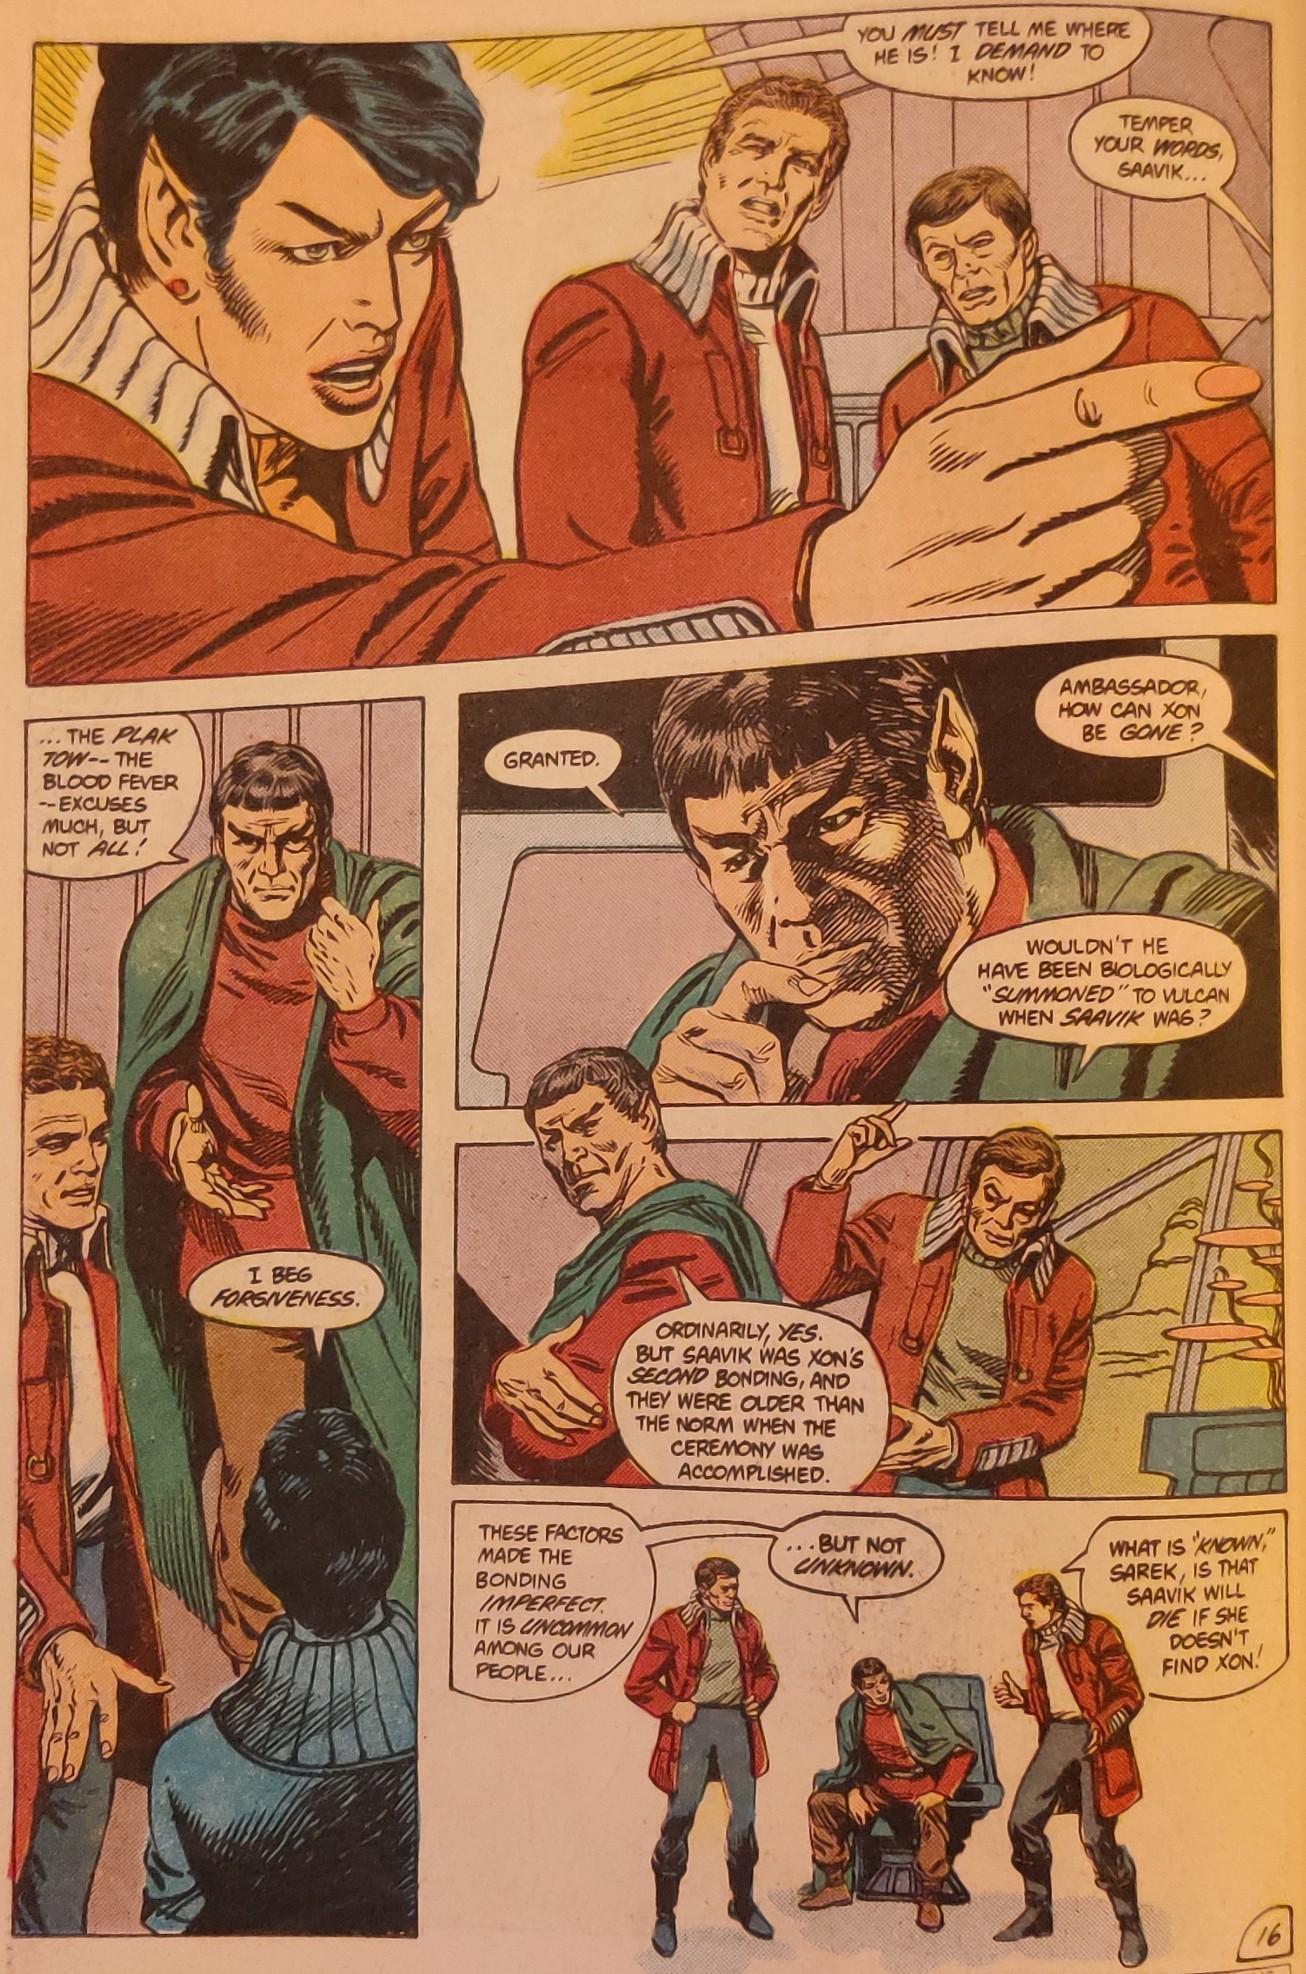 DC Comics Star Trek Issue 6 - Plak Tow Blues